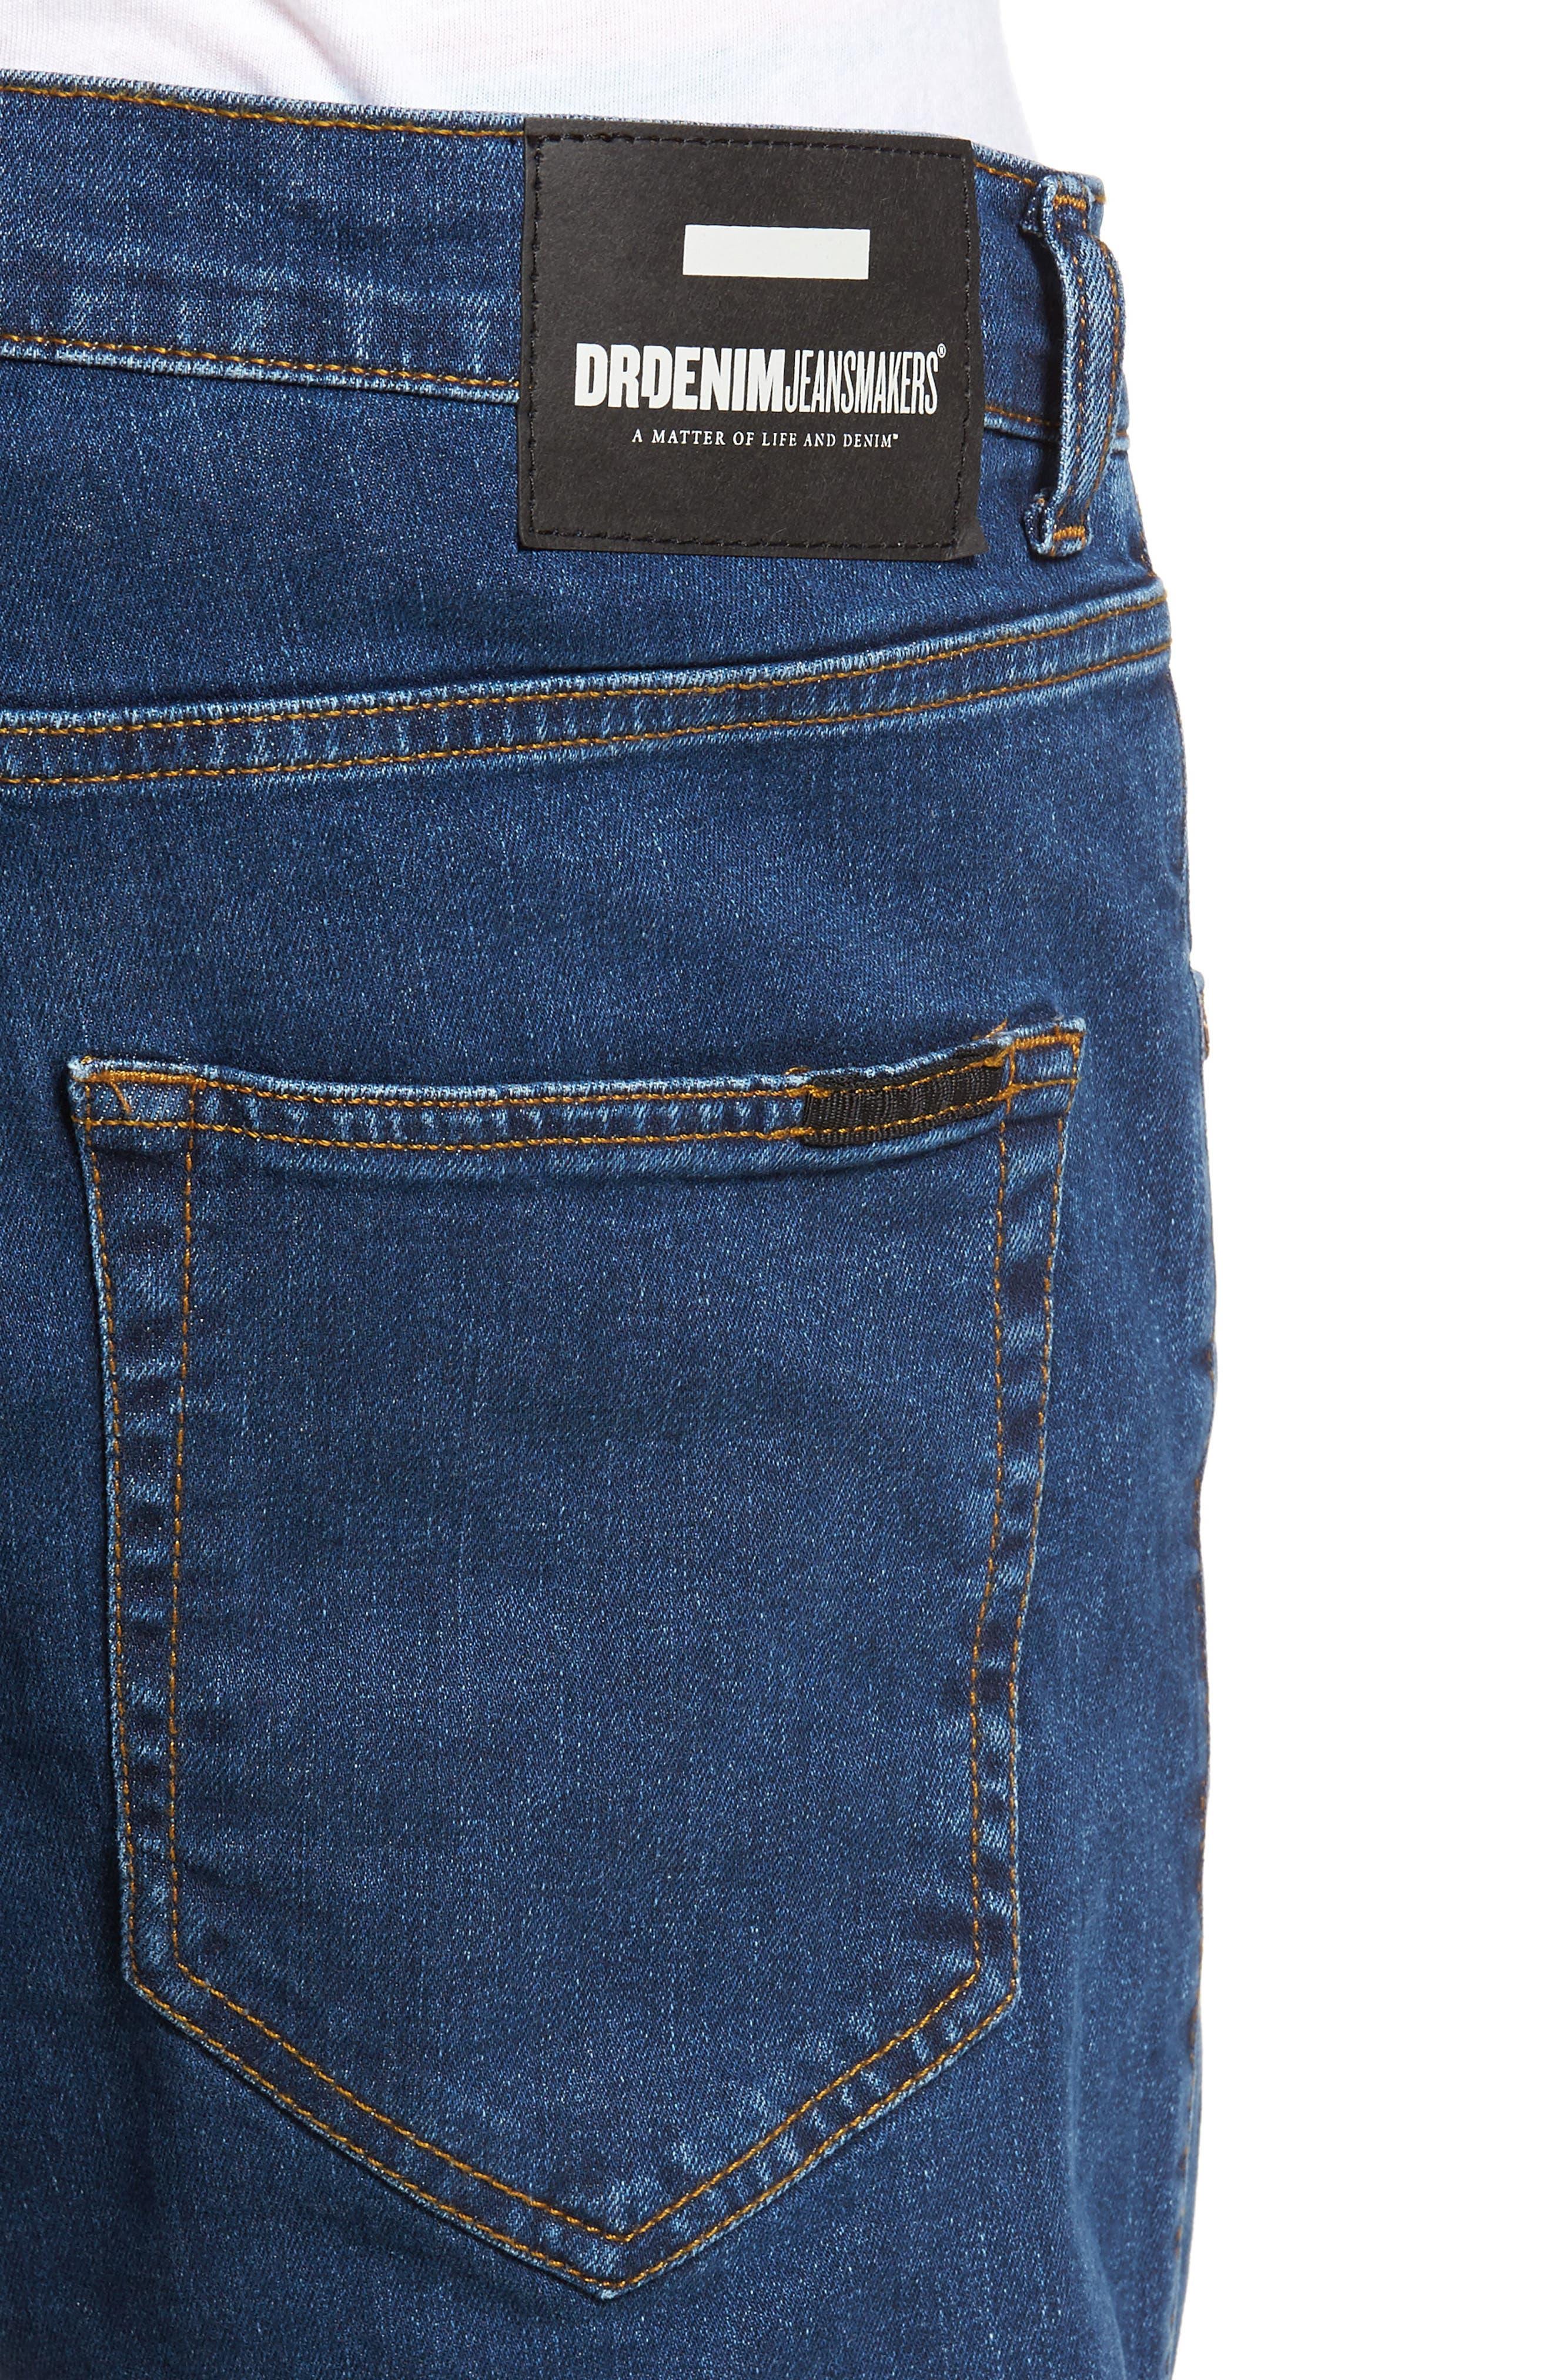 Clark Slim Straight Leg Jeans,                             Alternate thumbnail 4, color,